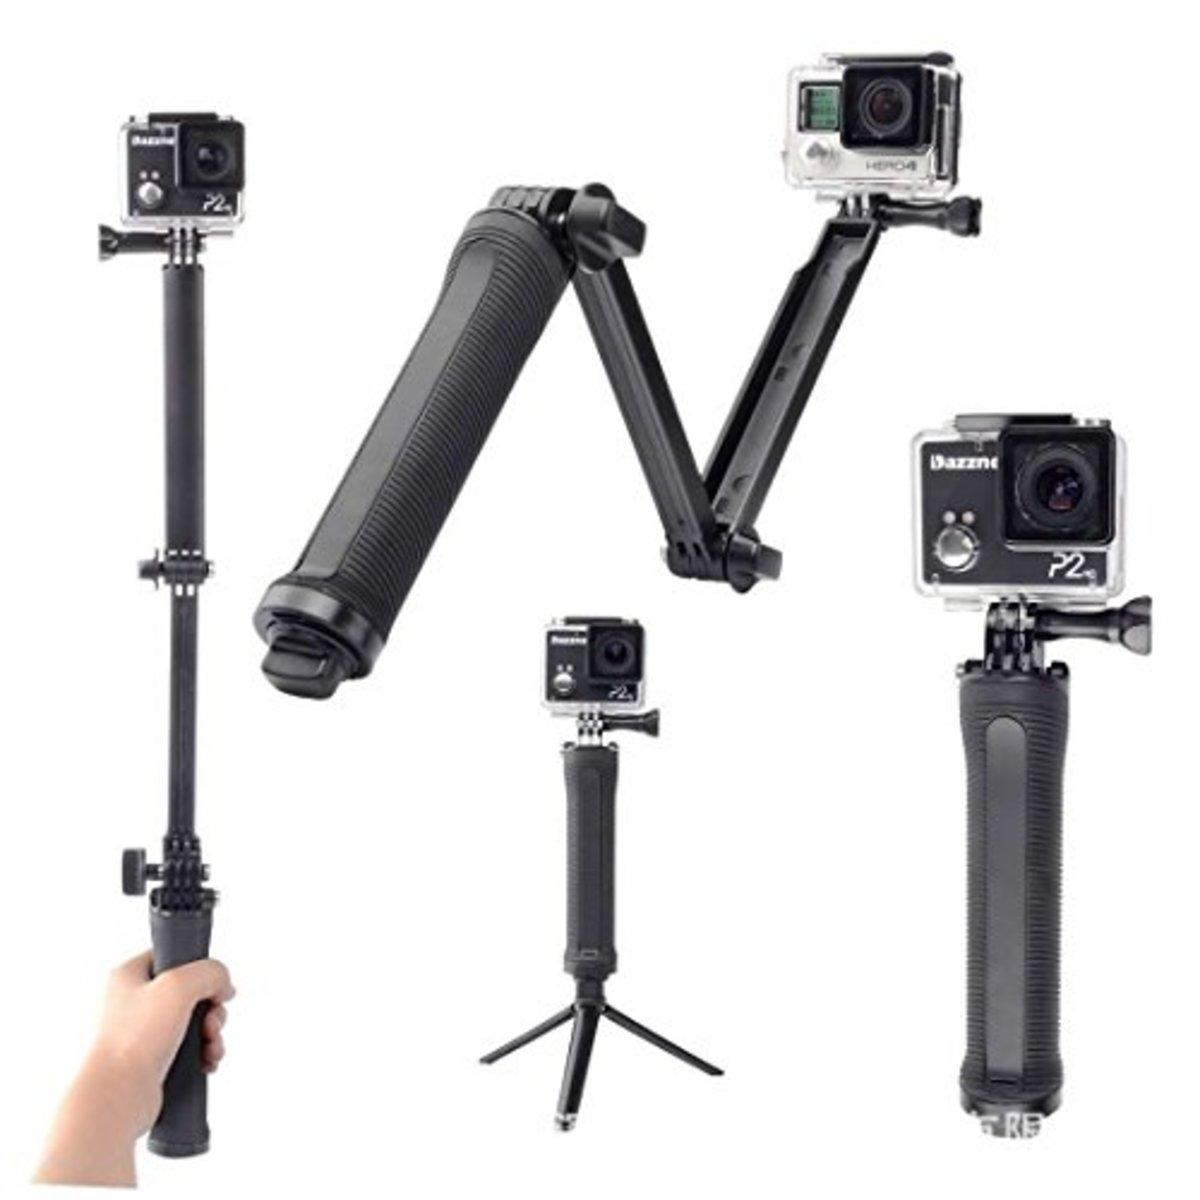 3式 自拍三腳架 可折疊 可調節 輕巧兼容運動相機 GoPro / Xiaomi yi / SJCAM / LEVIN / DBPOWER / AKASO